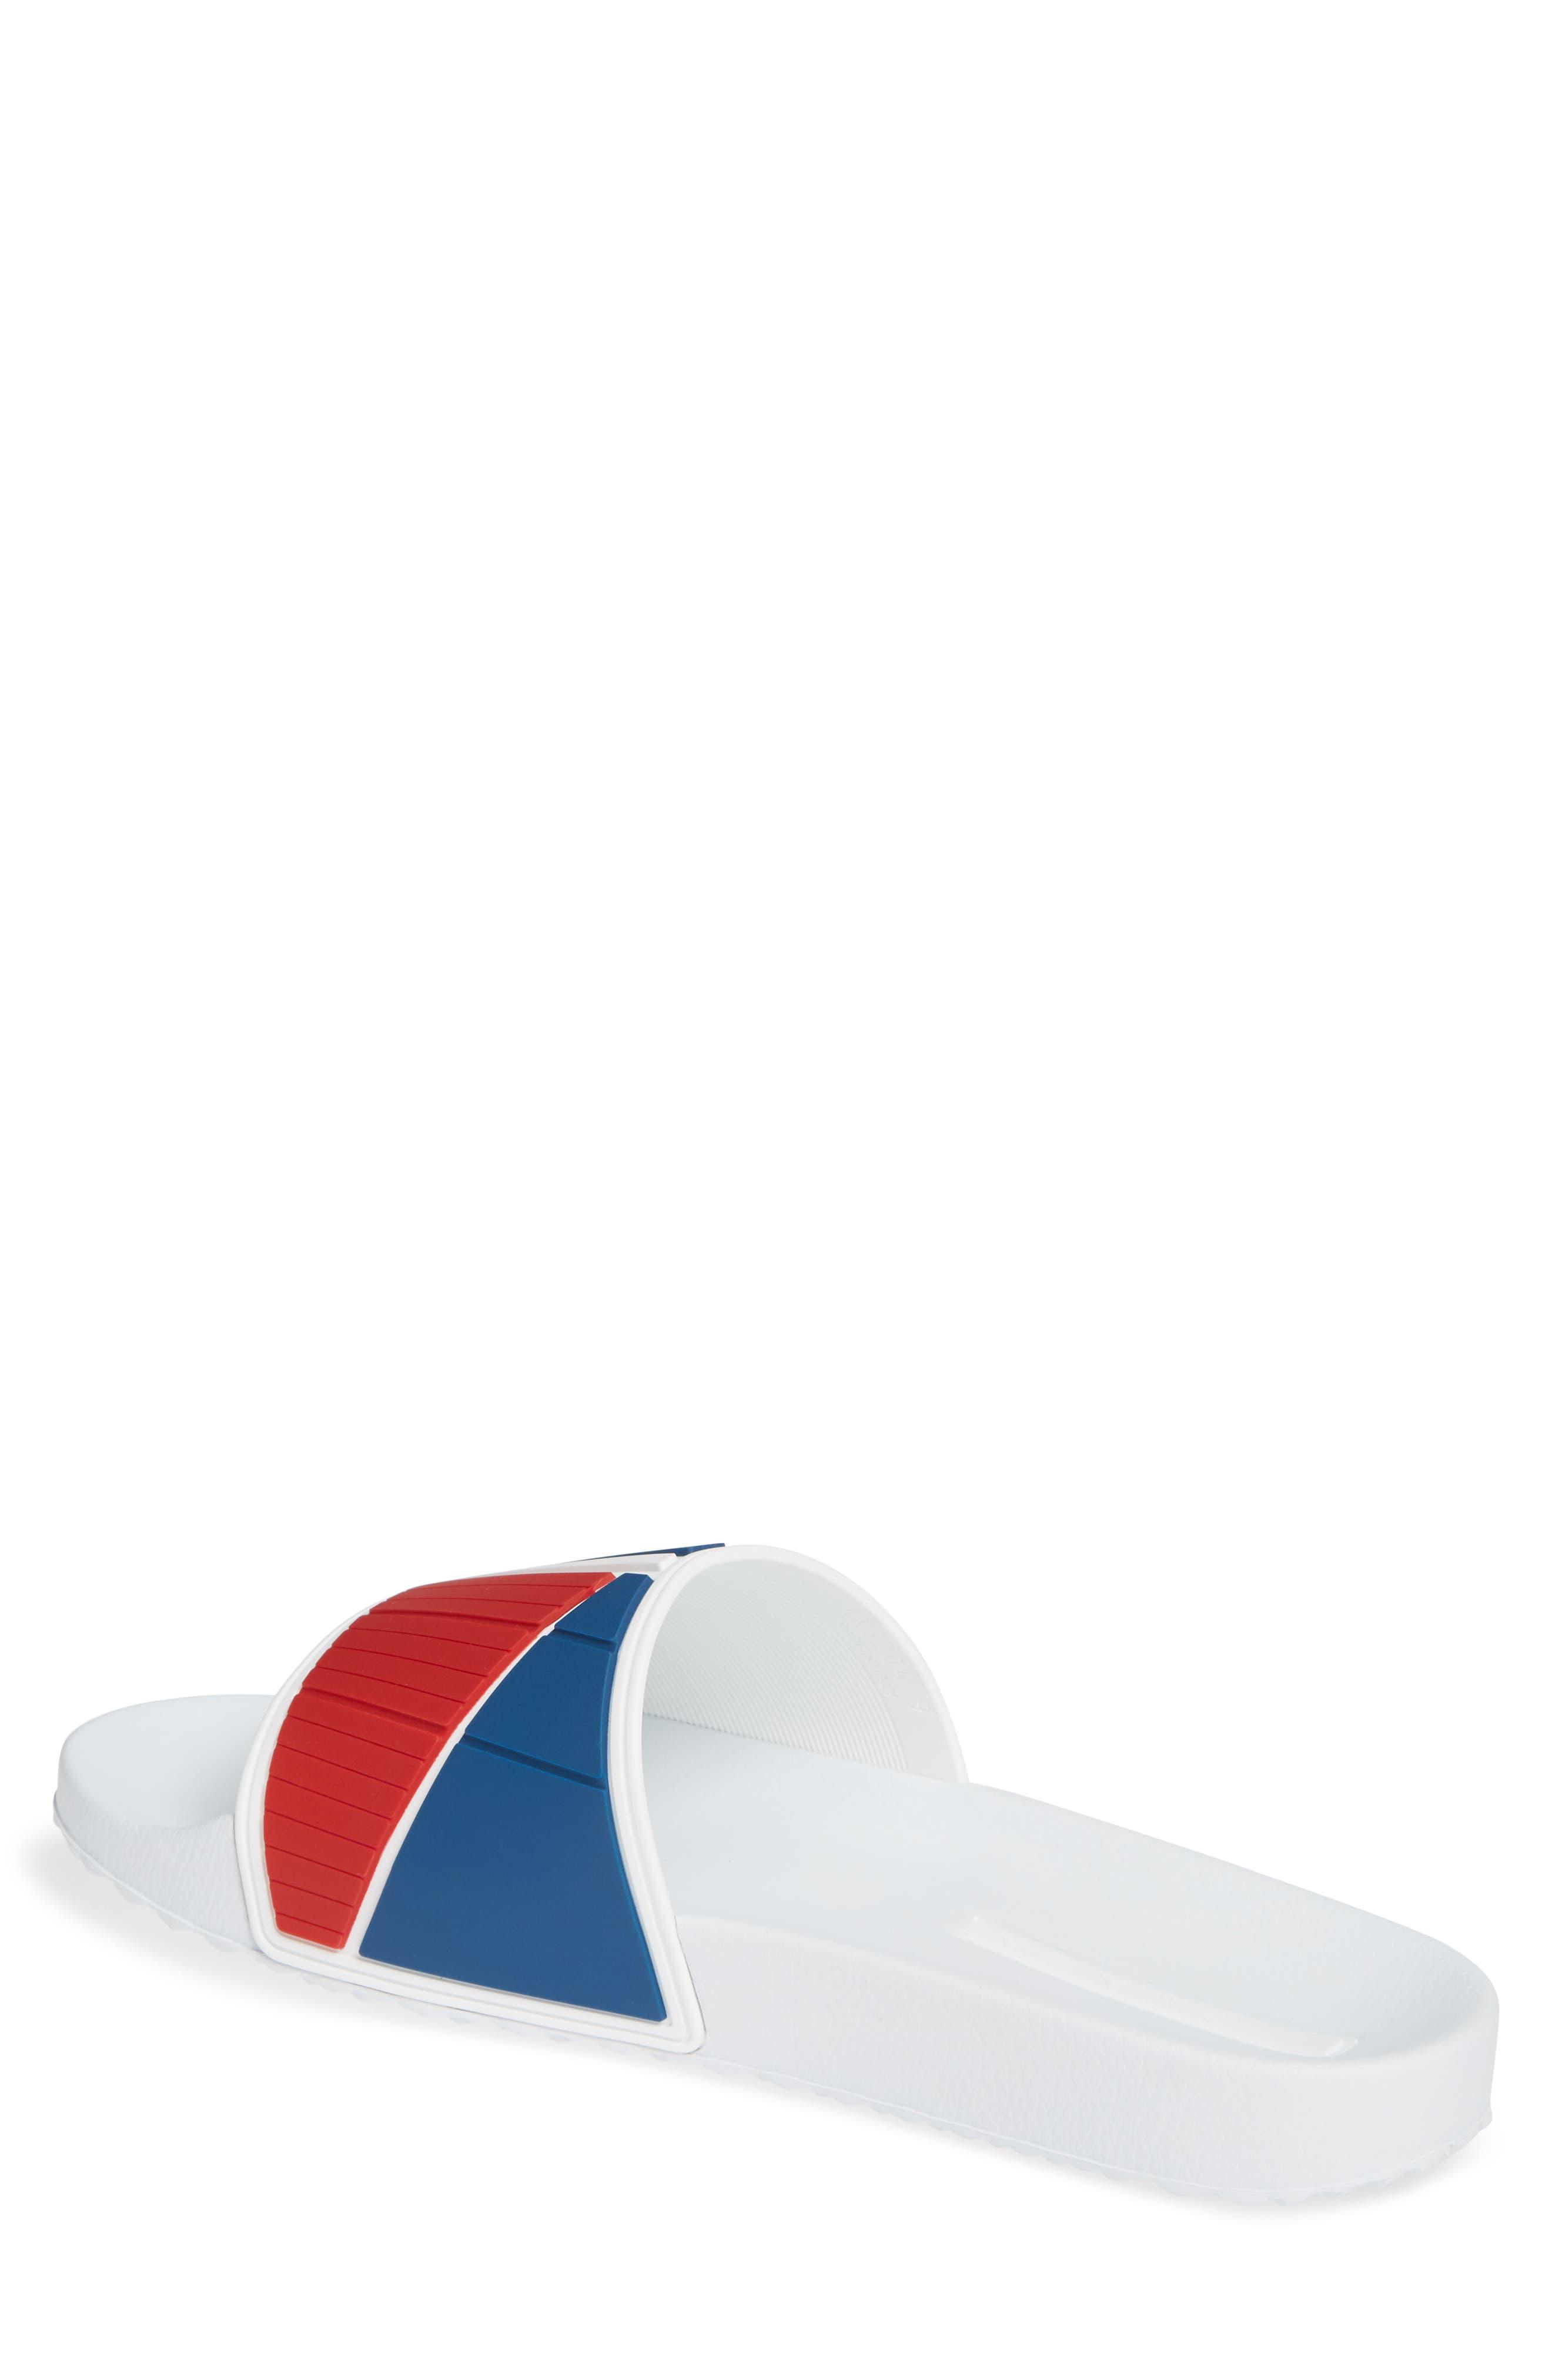 PRADA, Linea Rossa Logo Slide Sandal, Alternate thumbnail 2, color, WHITE/ BLUE